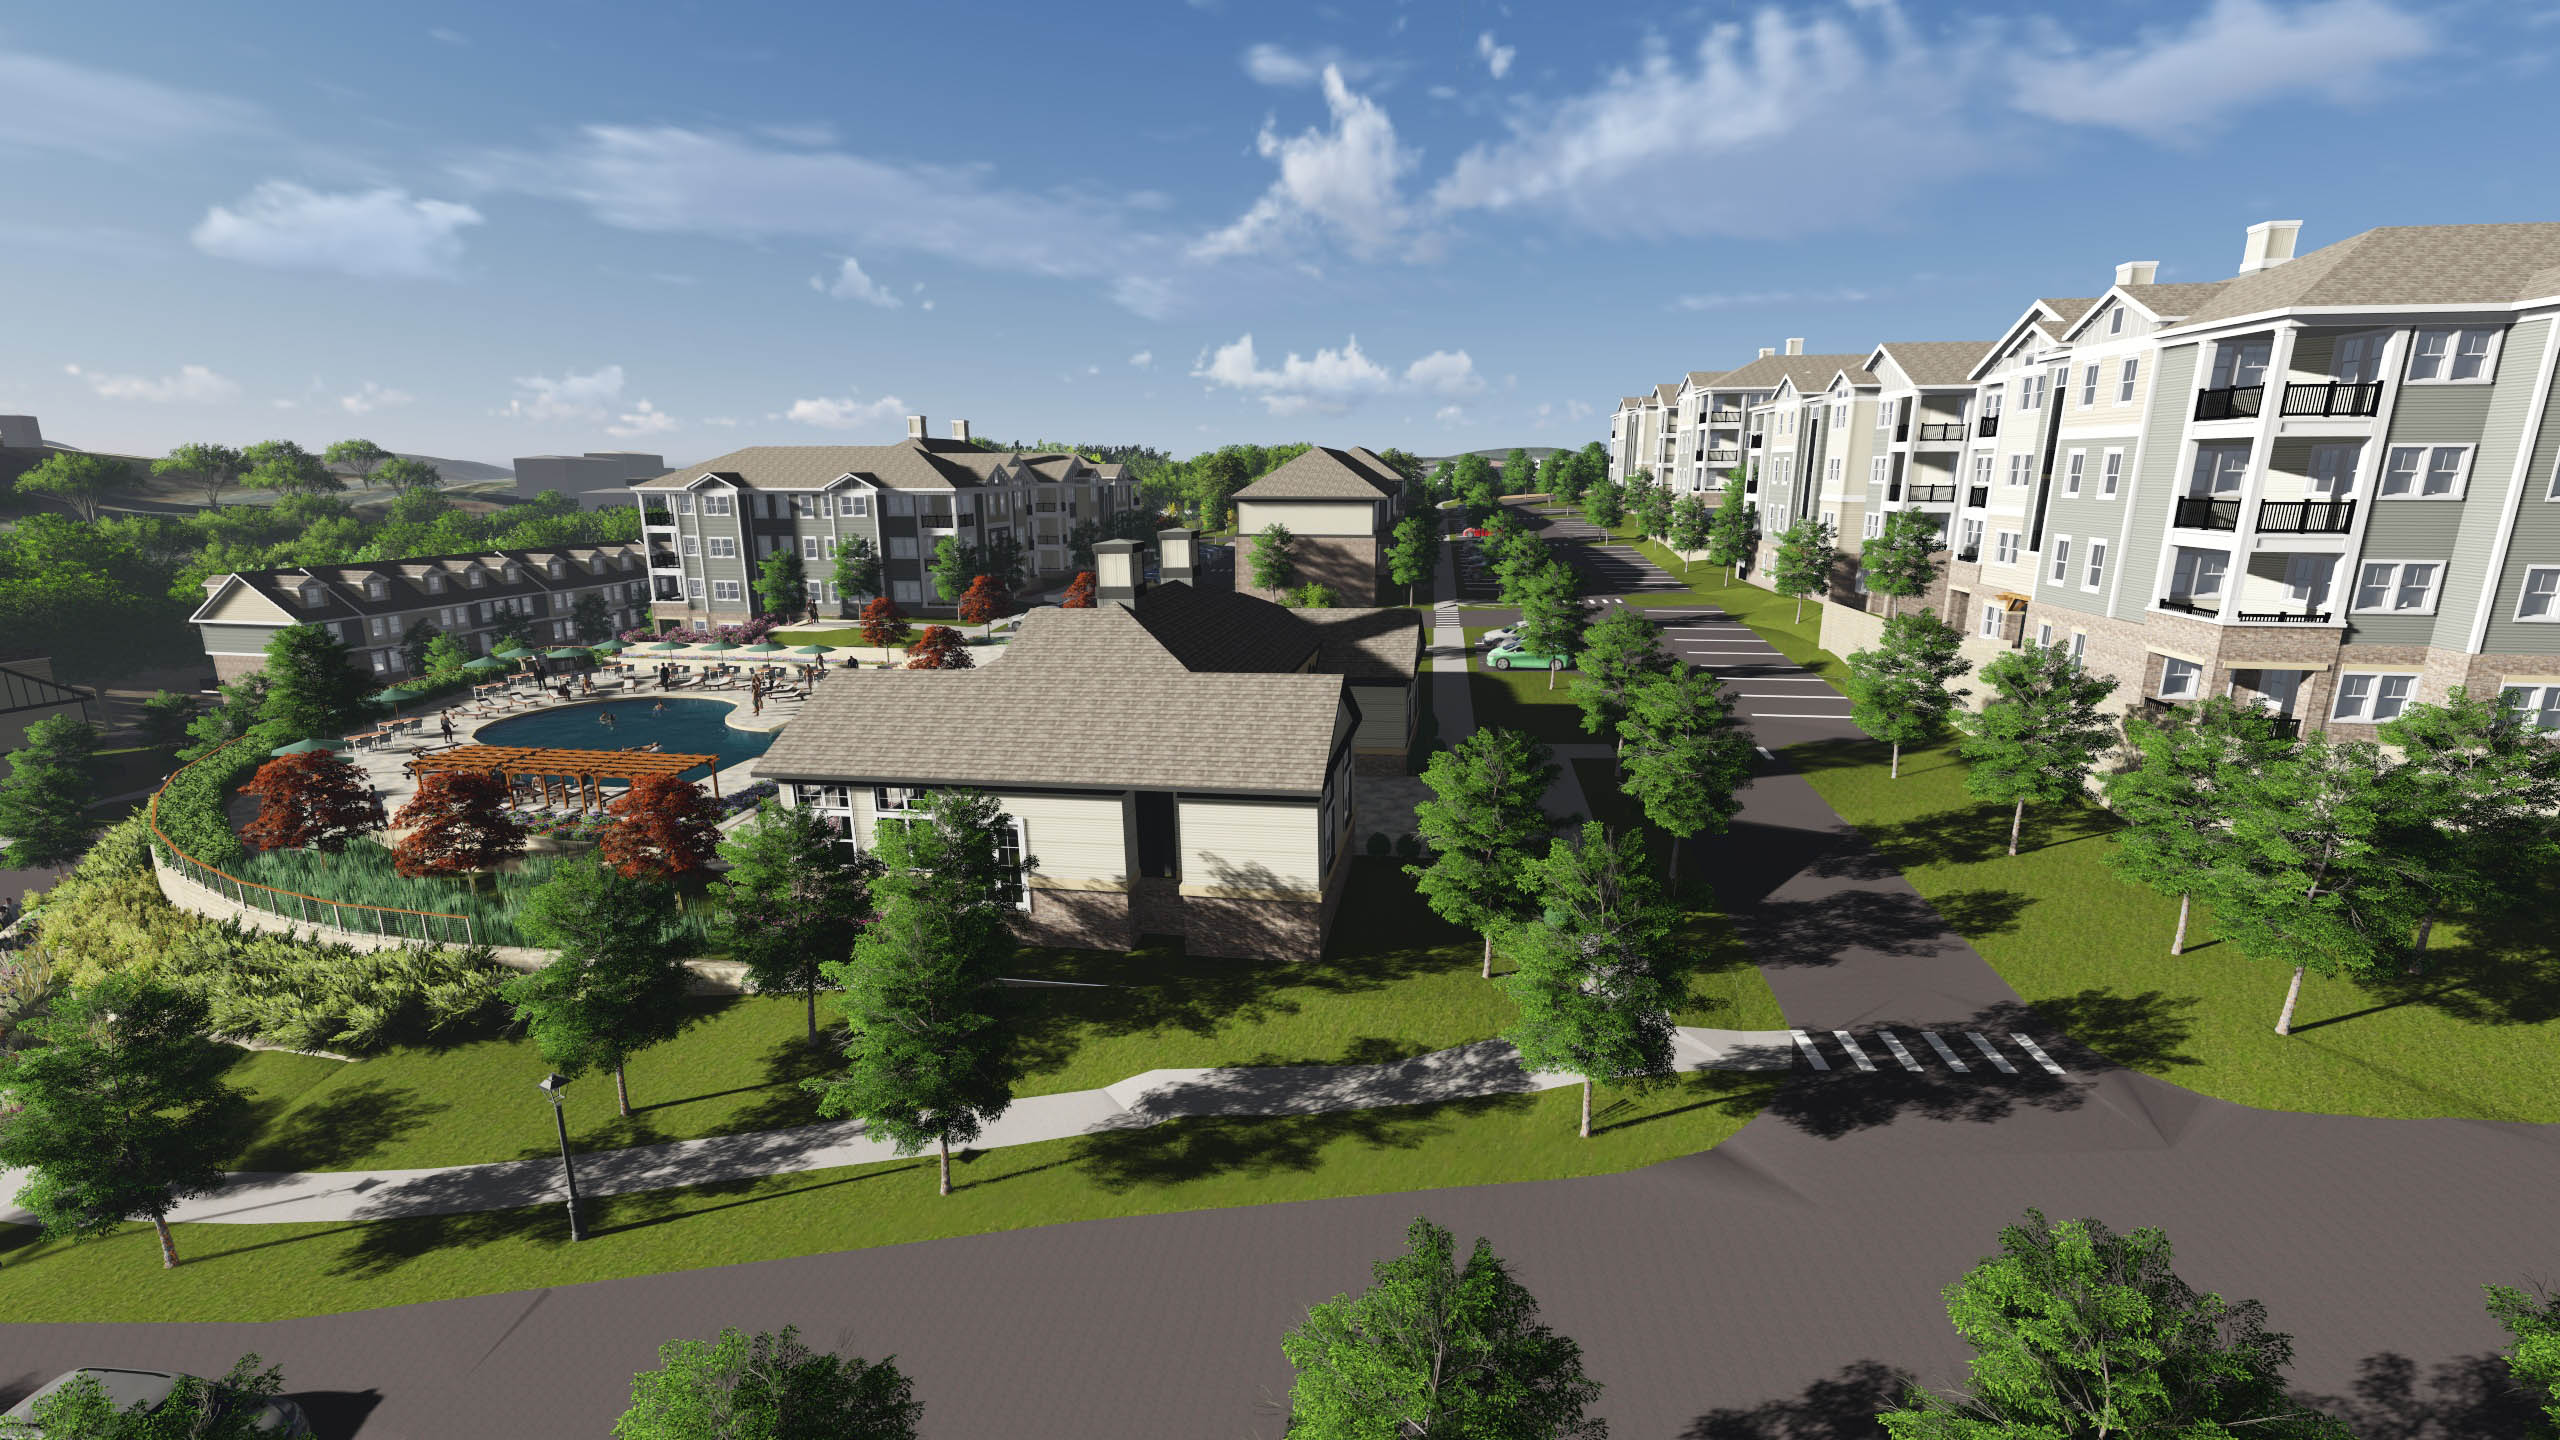 Hilltop Village Concept